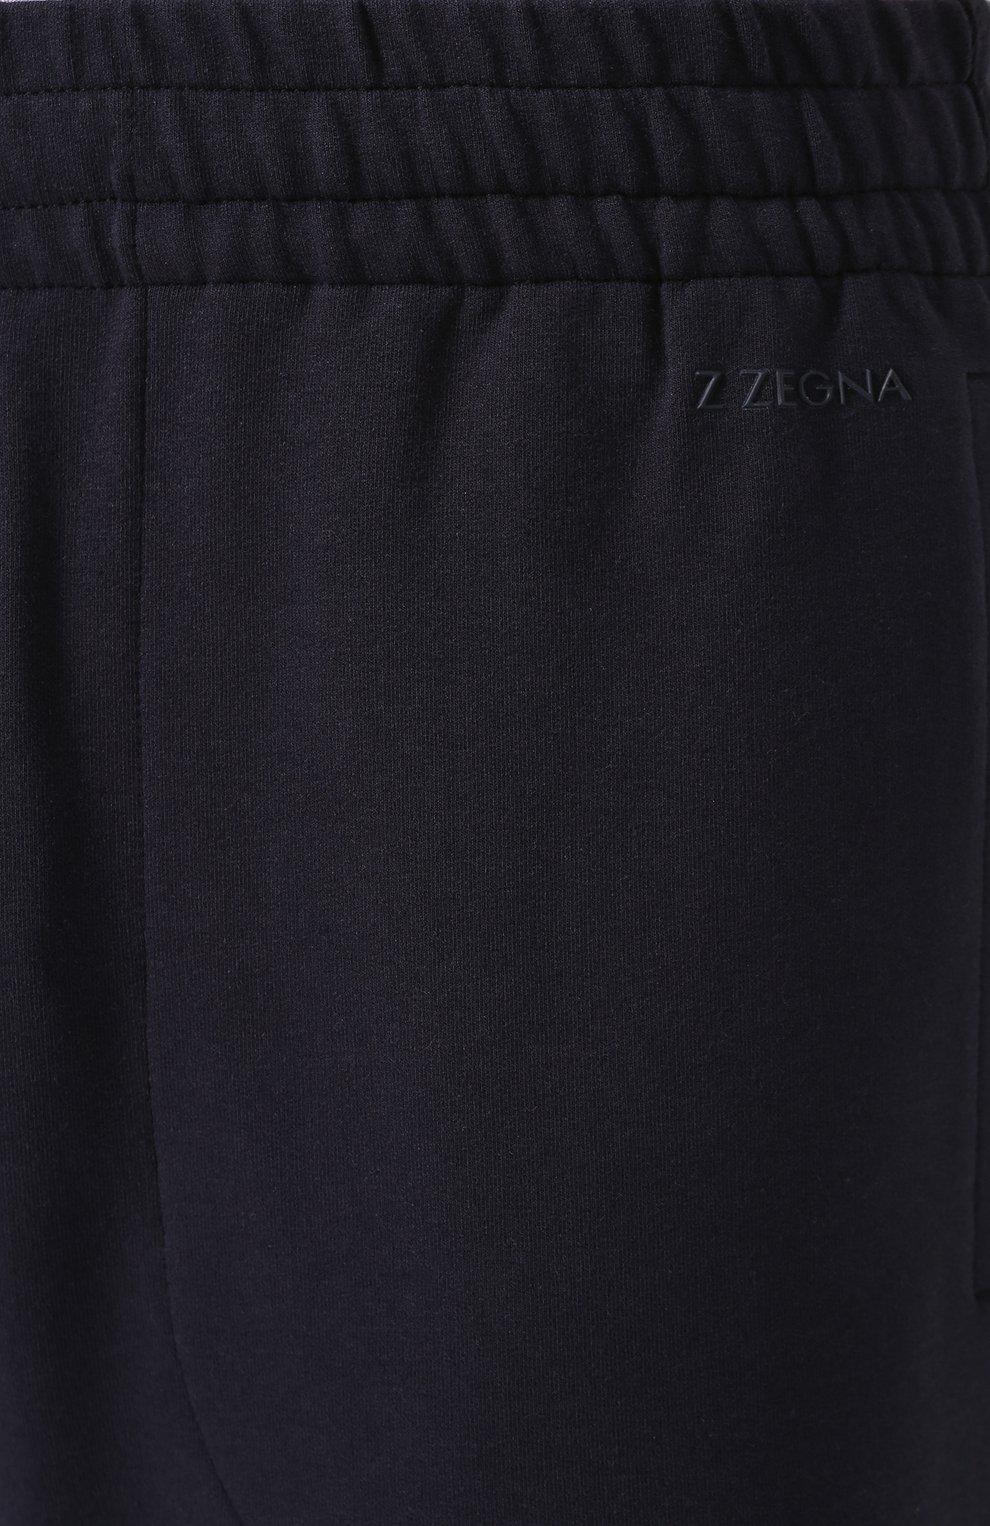 Мужские брюки прямого кроя из смеси хлопка и вискозы Z ZEGNA темно-синего цвета, арт. V8451/ZZP16 | Фото 5